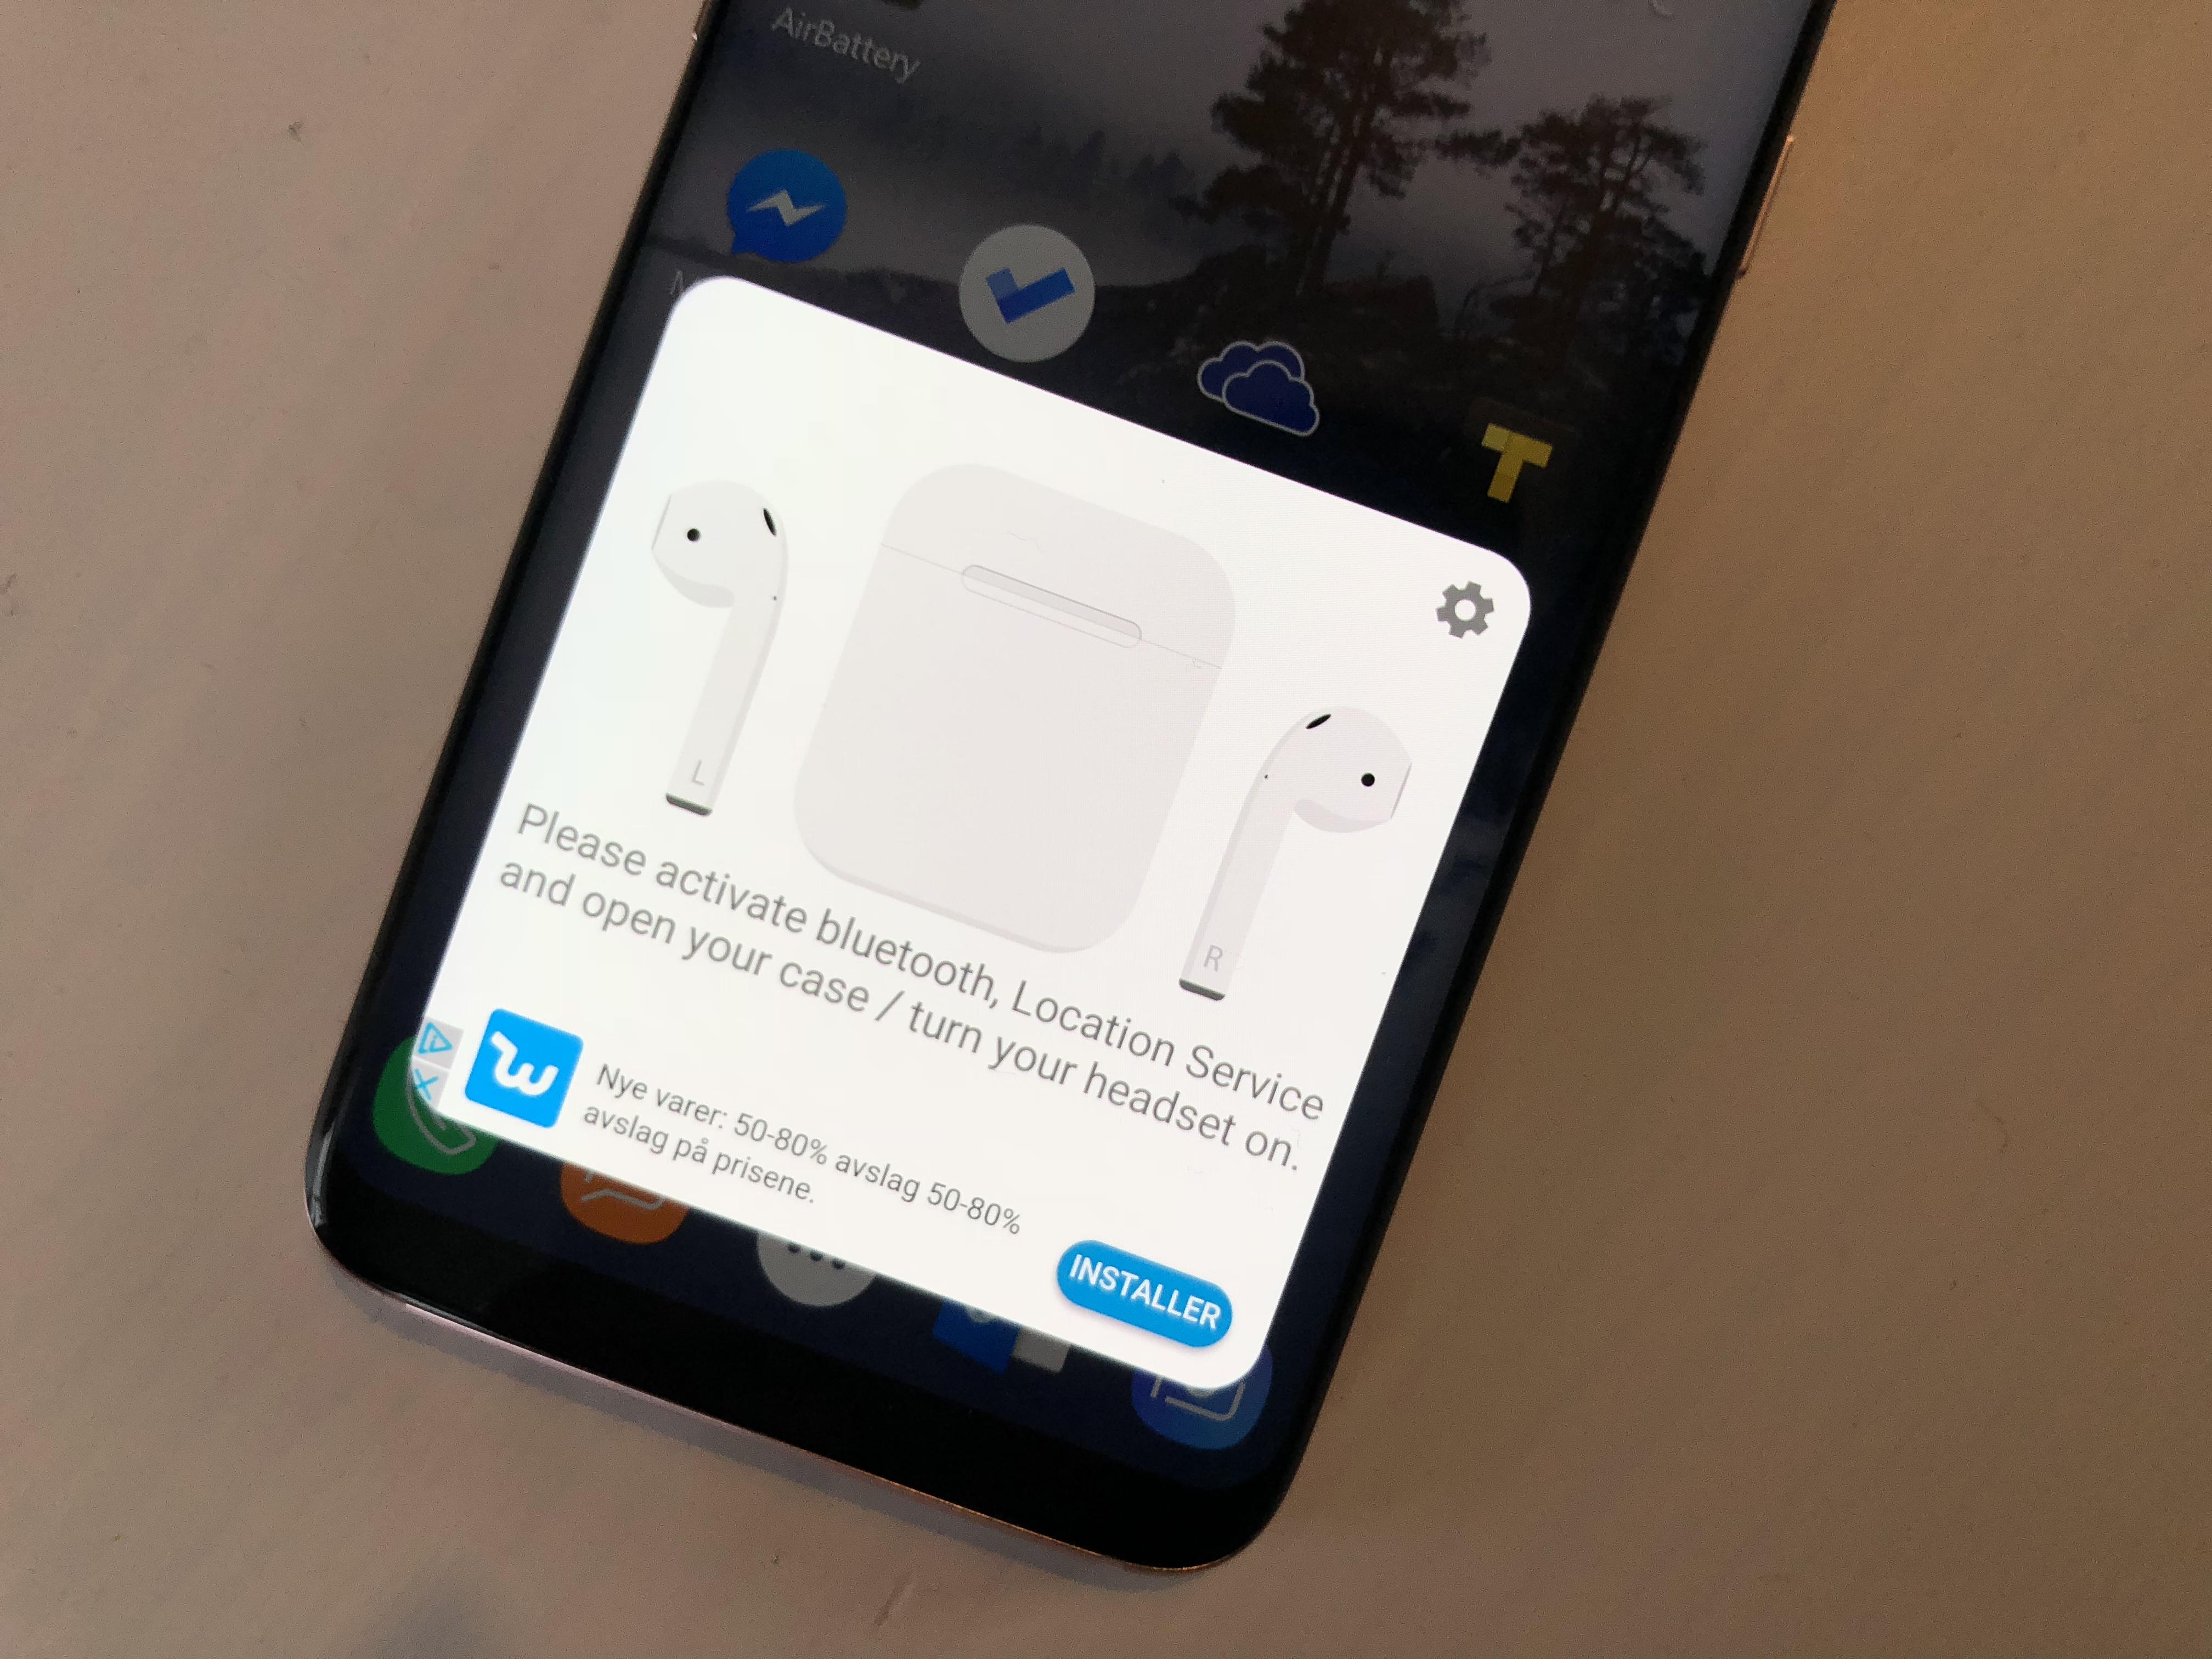 AirBattery gir AirPods mer funksjonalitet i Android.